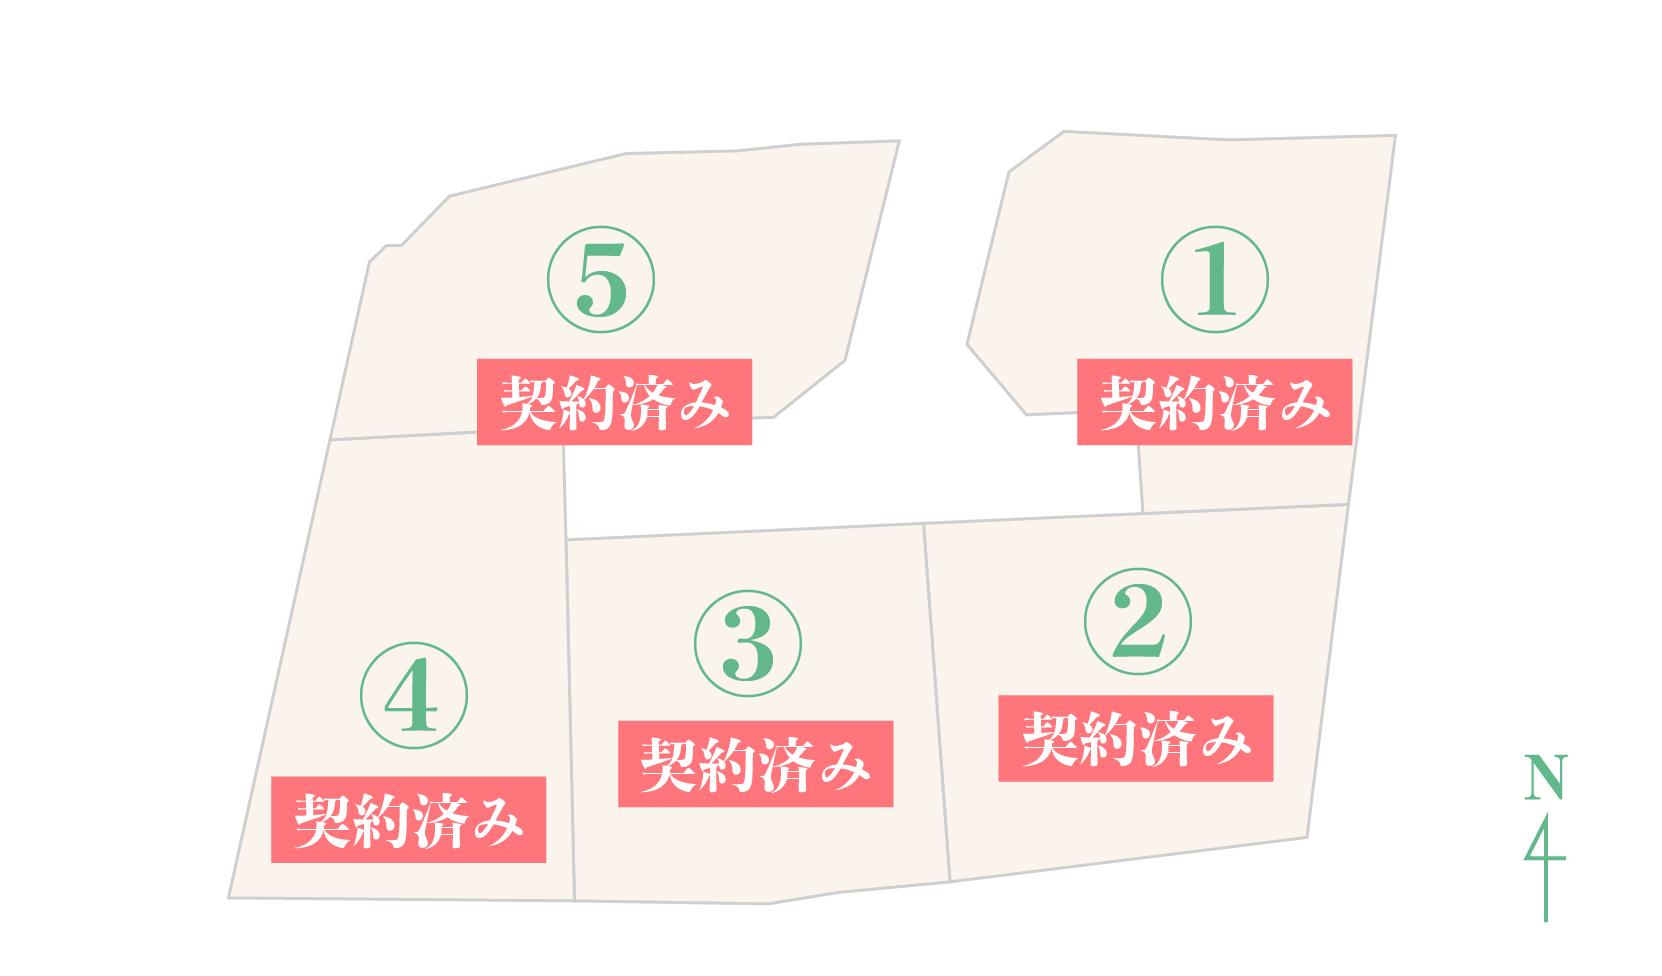 嘉川ニュー分譲地 区画図 画像